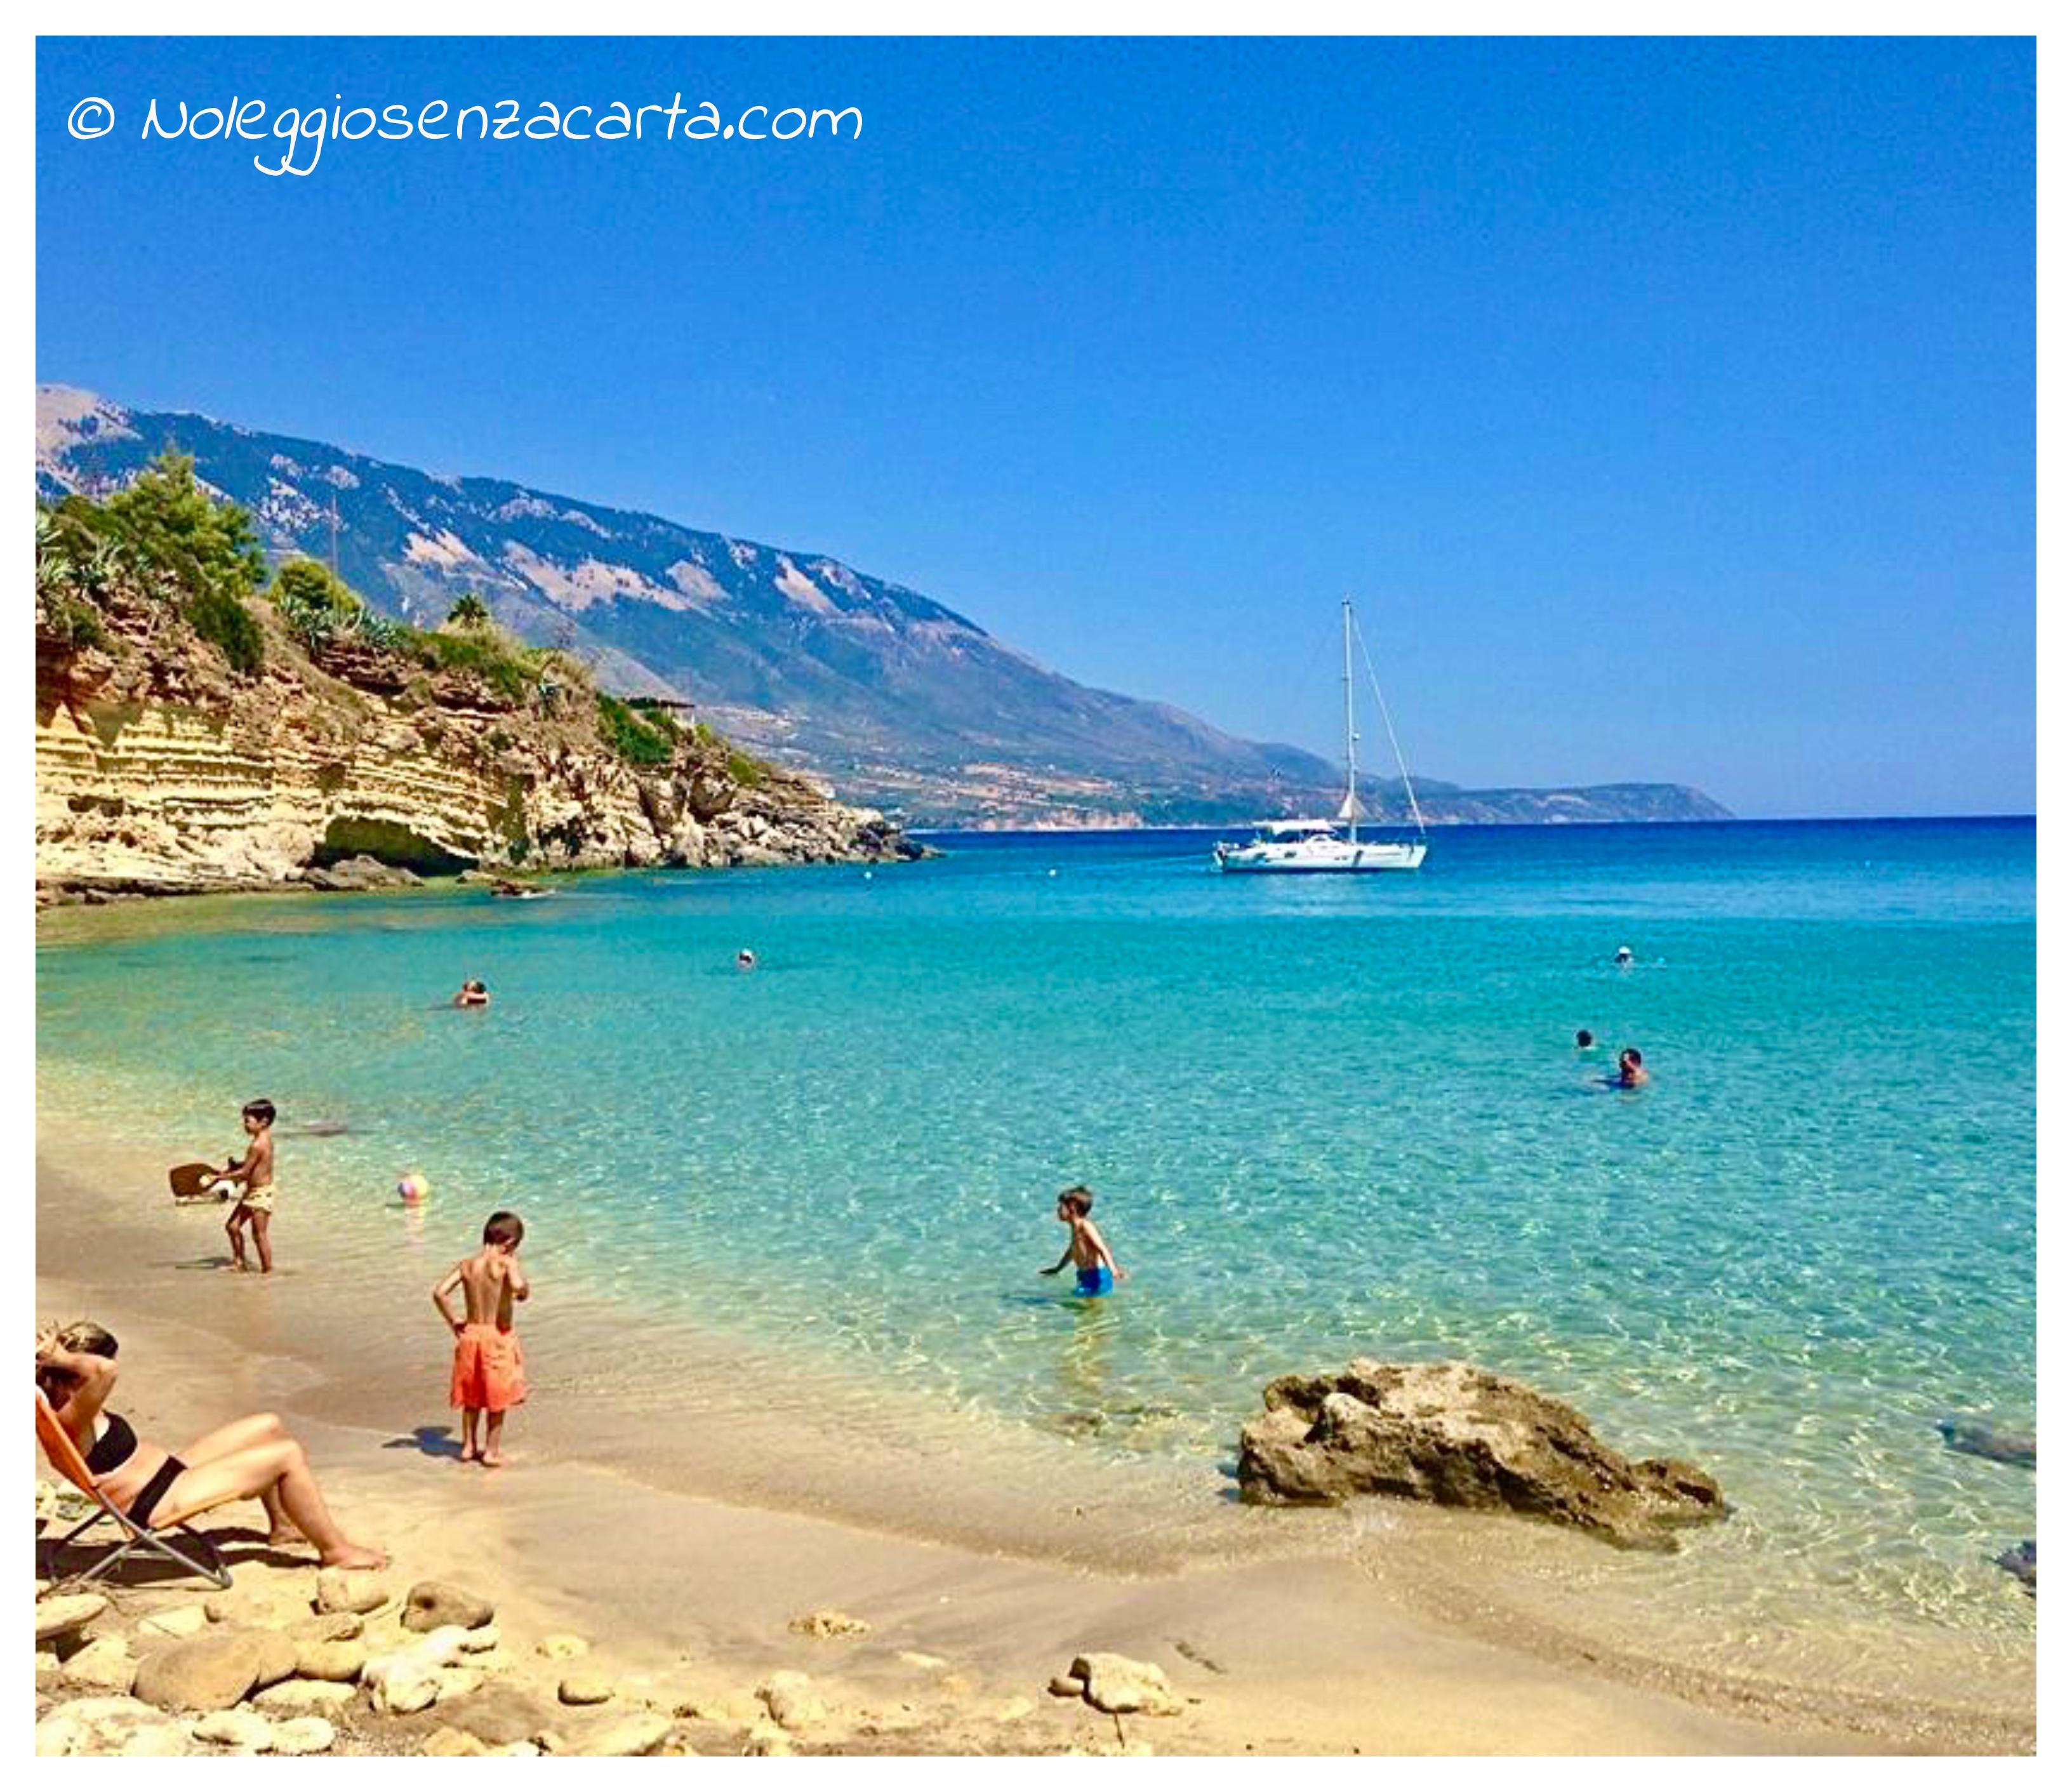 Noleggiare auto senza carta di credito a Cefalonia – Grecia